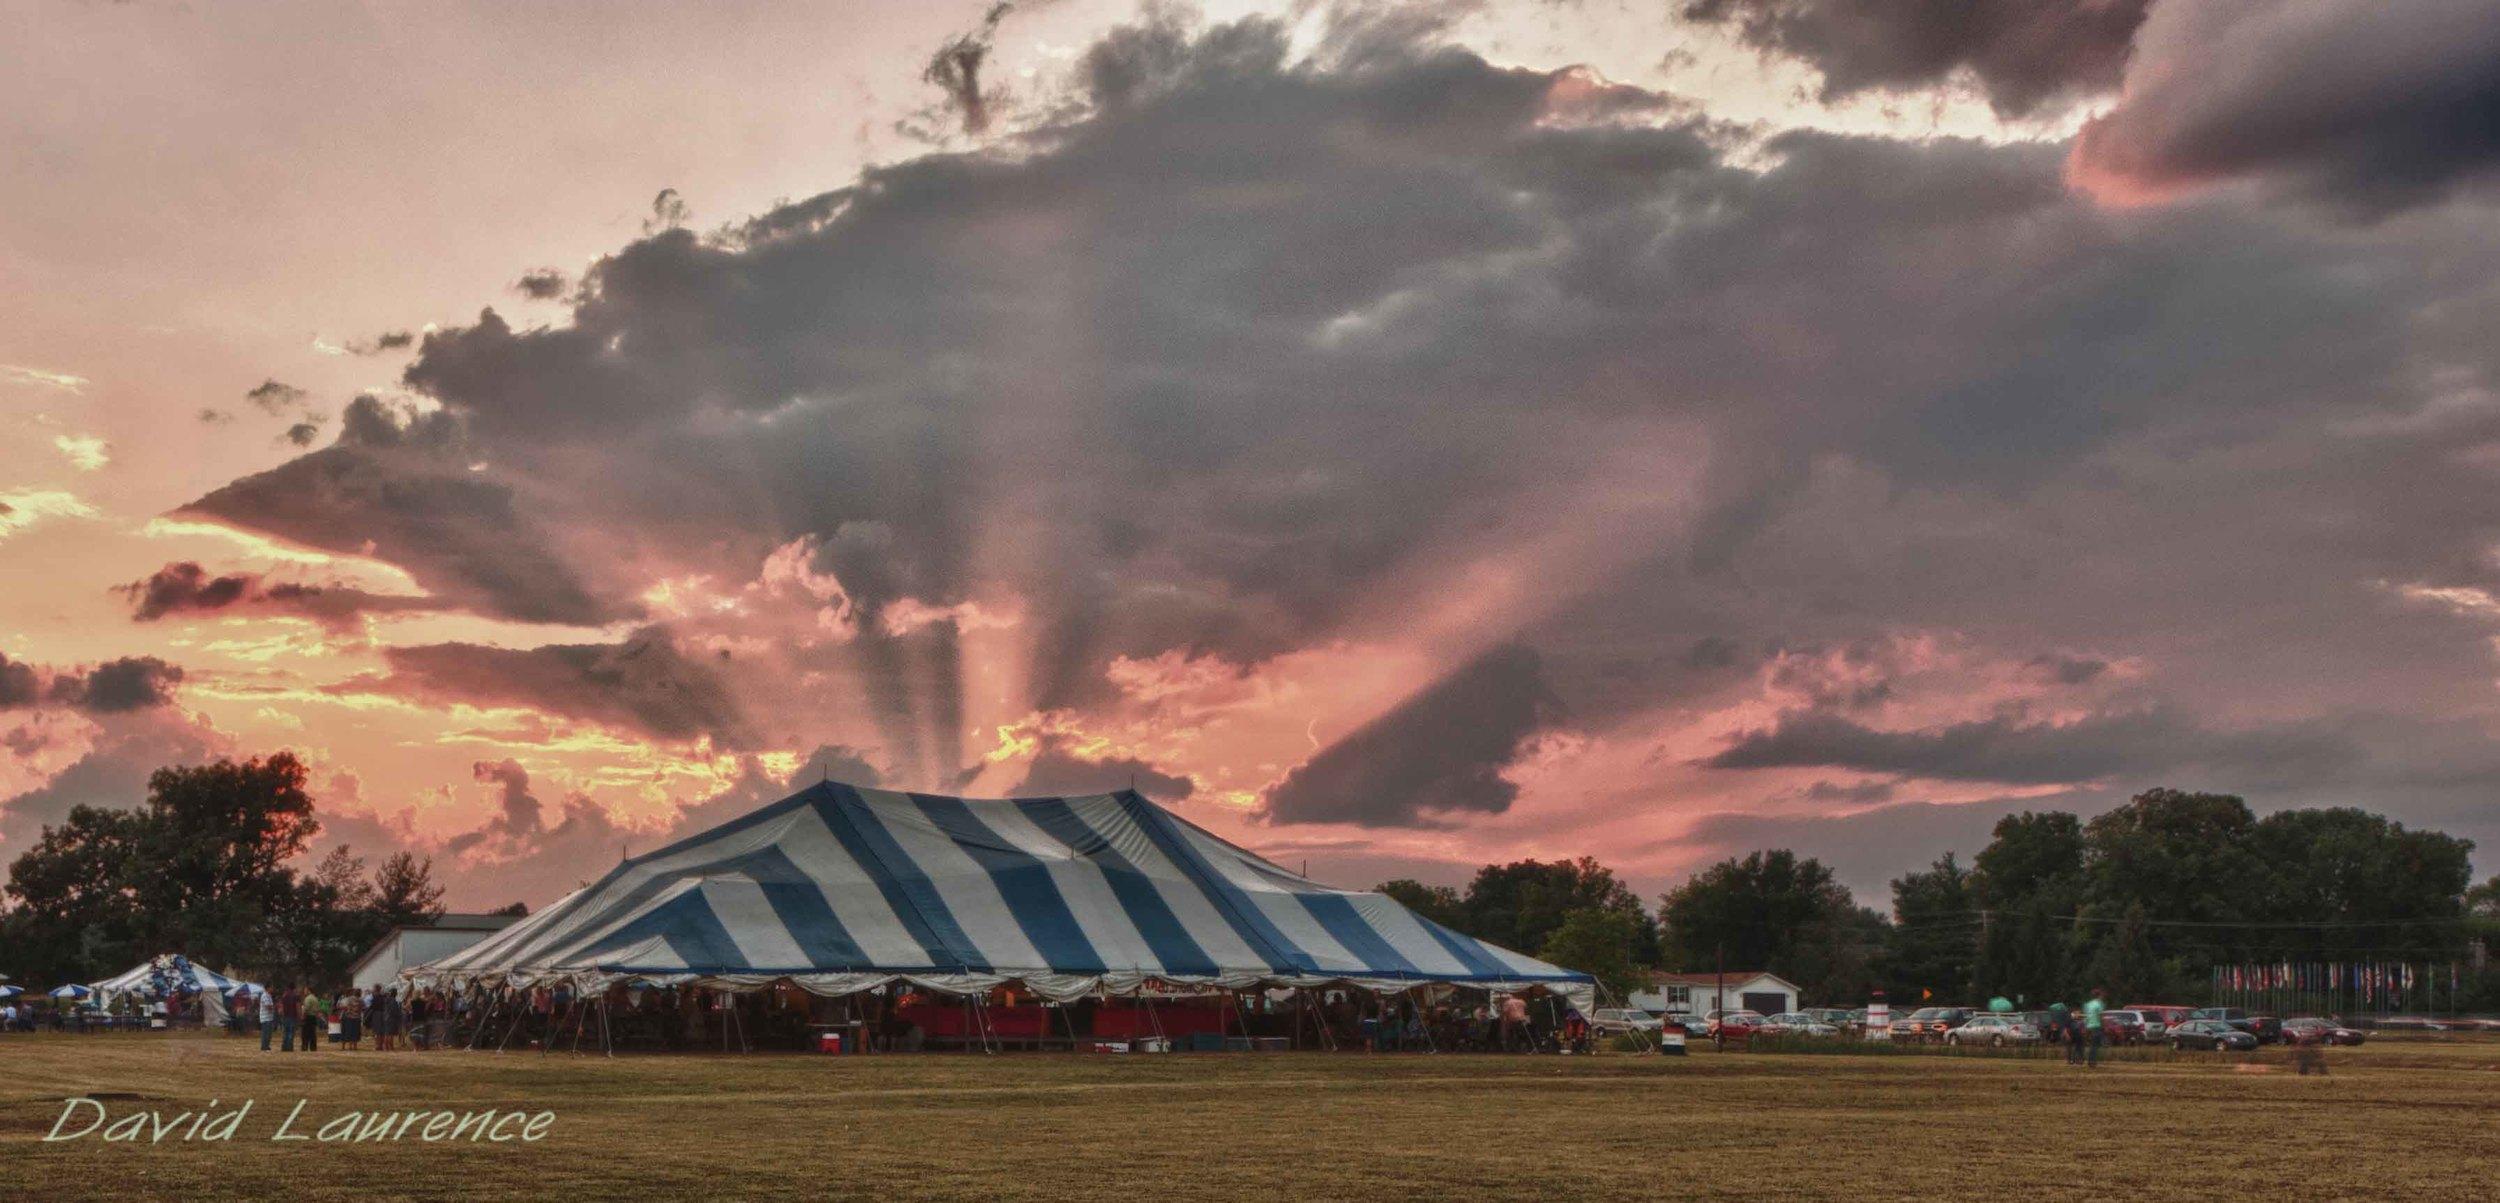 Tent Rays, 2012